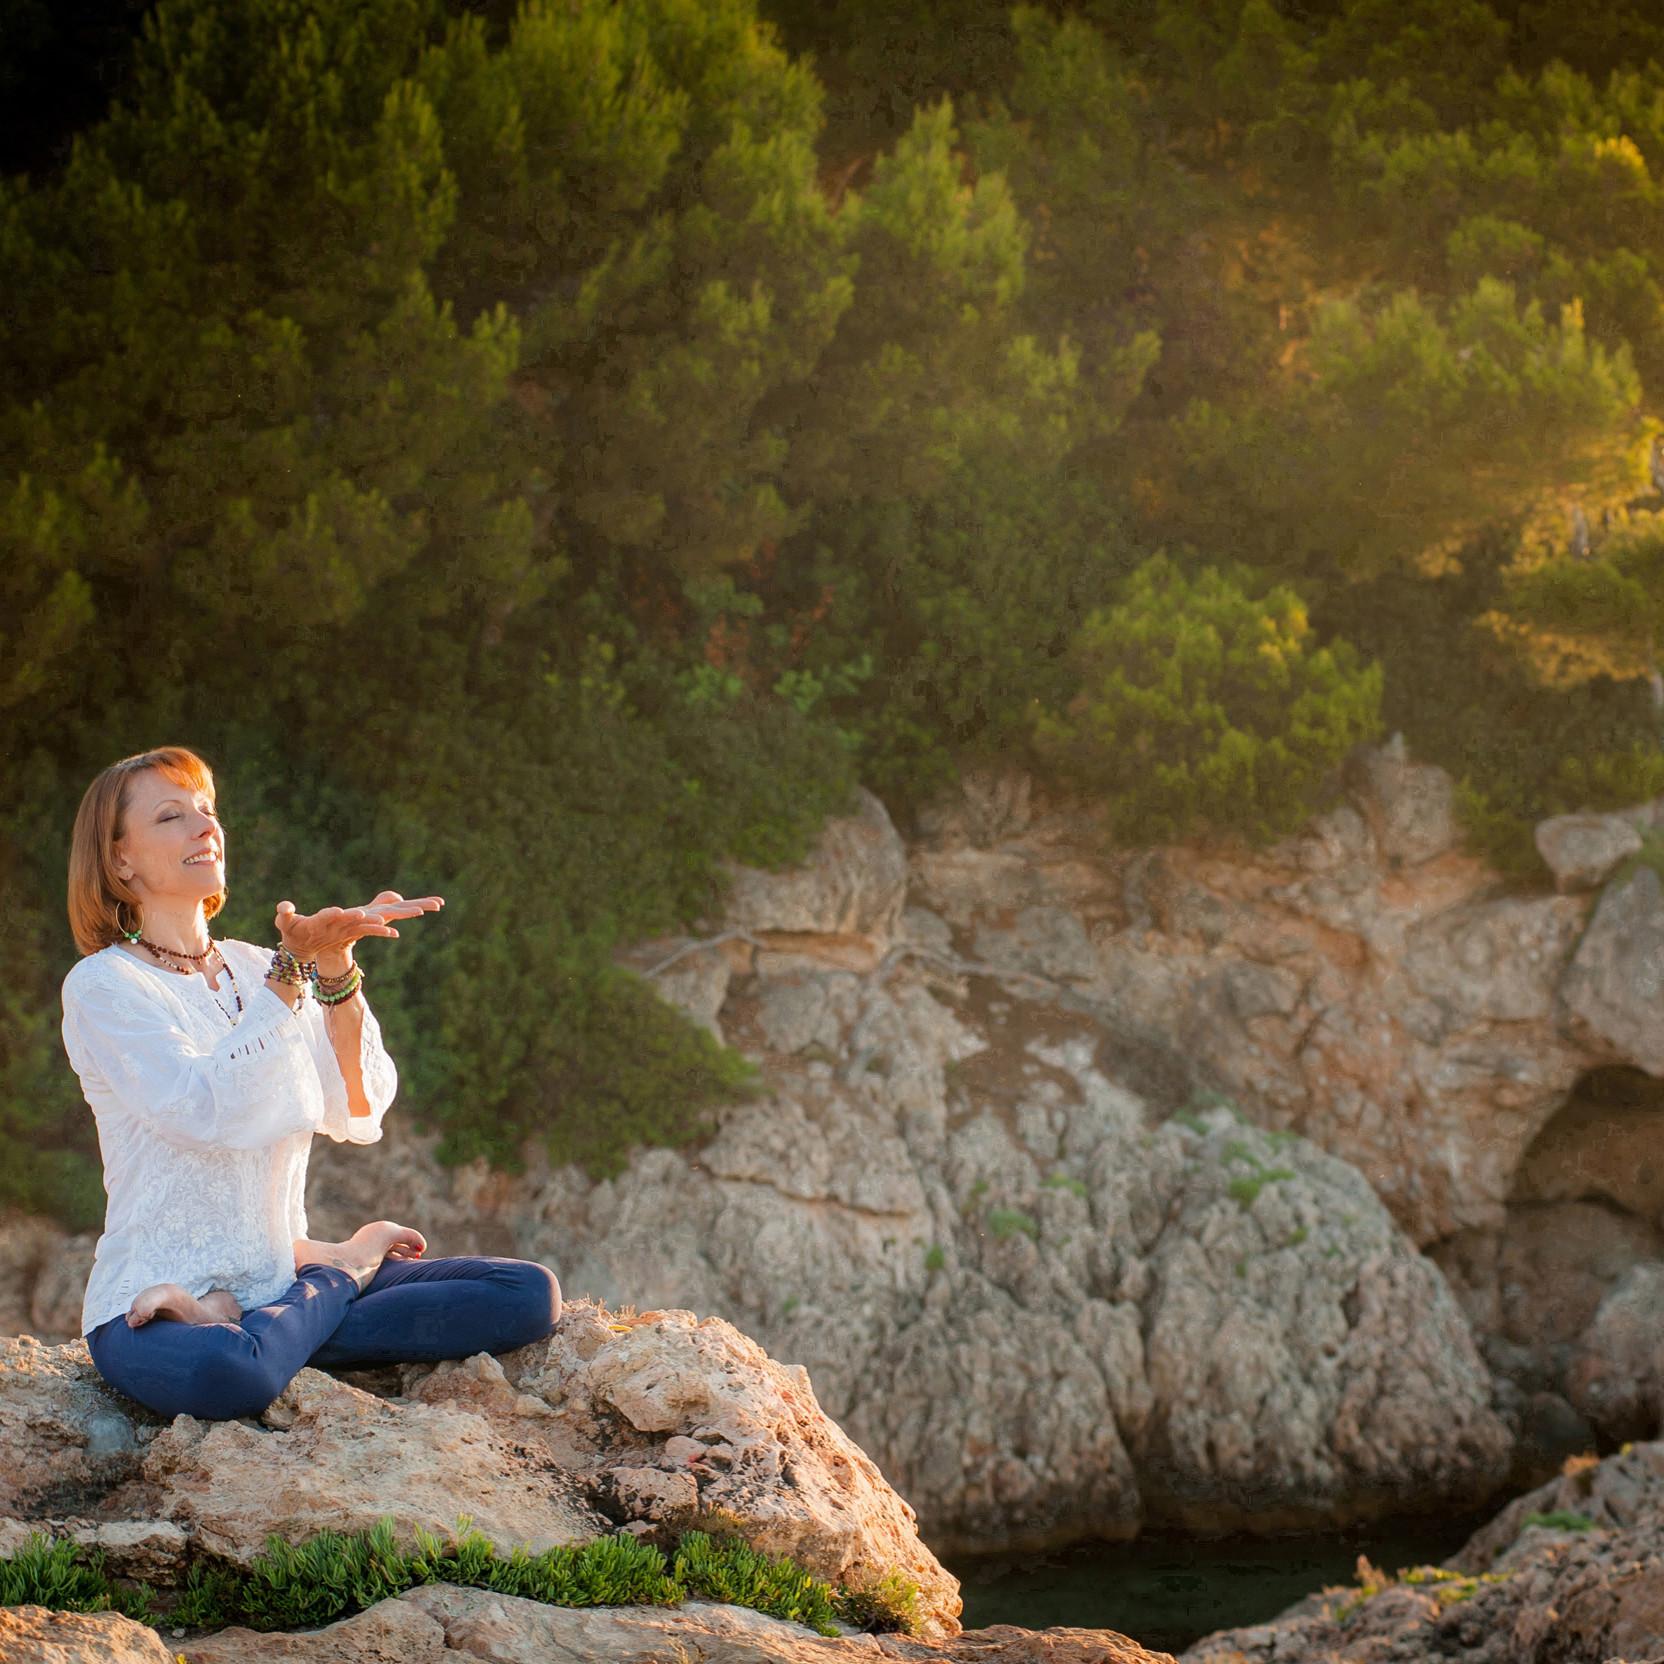 jeanne-heileman-yoga-teacher-trainer-3